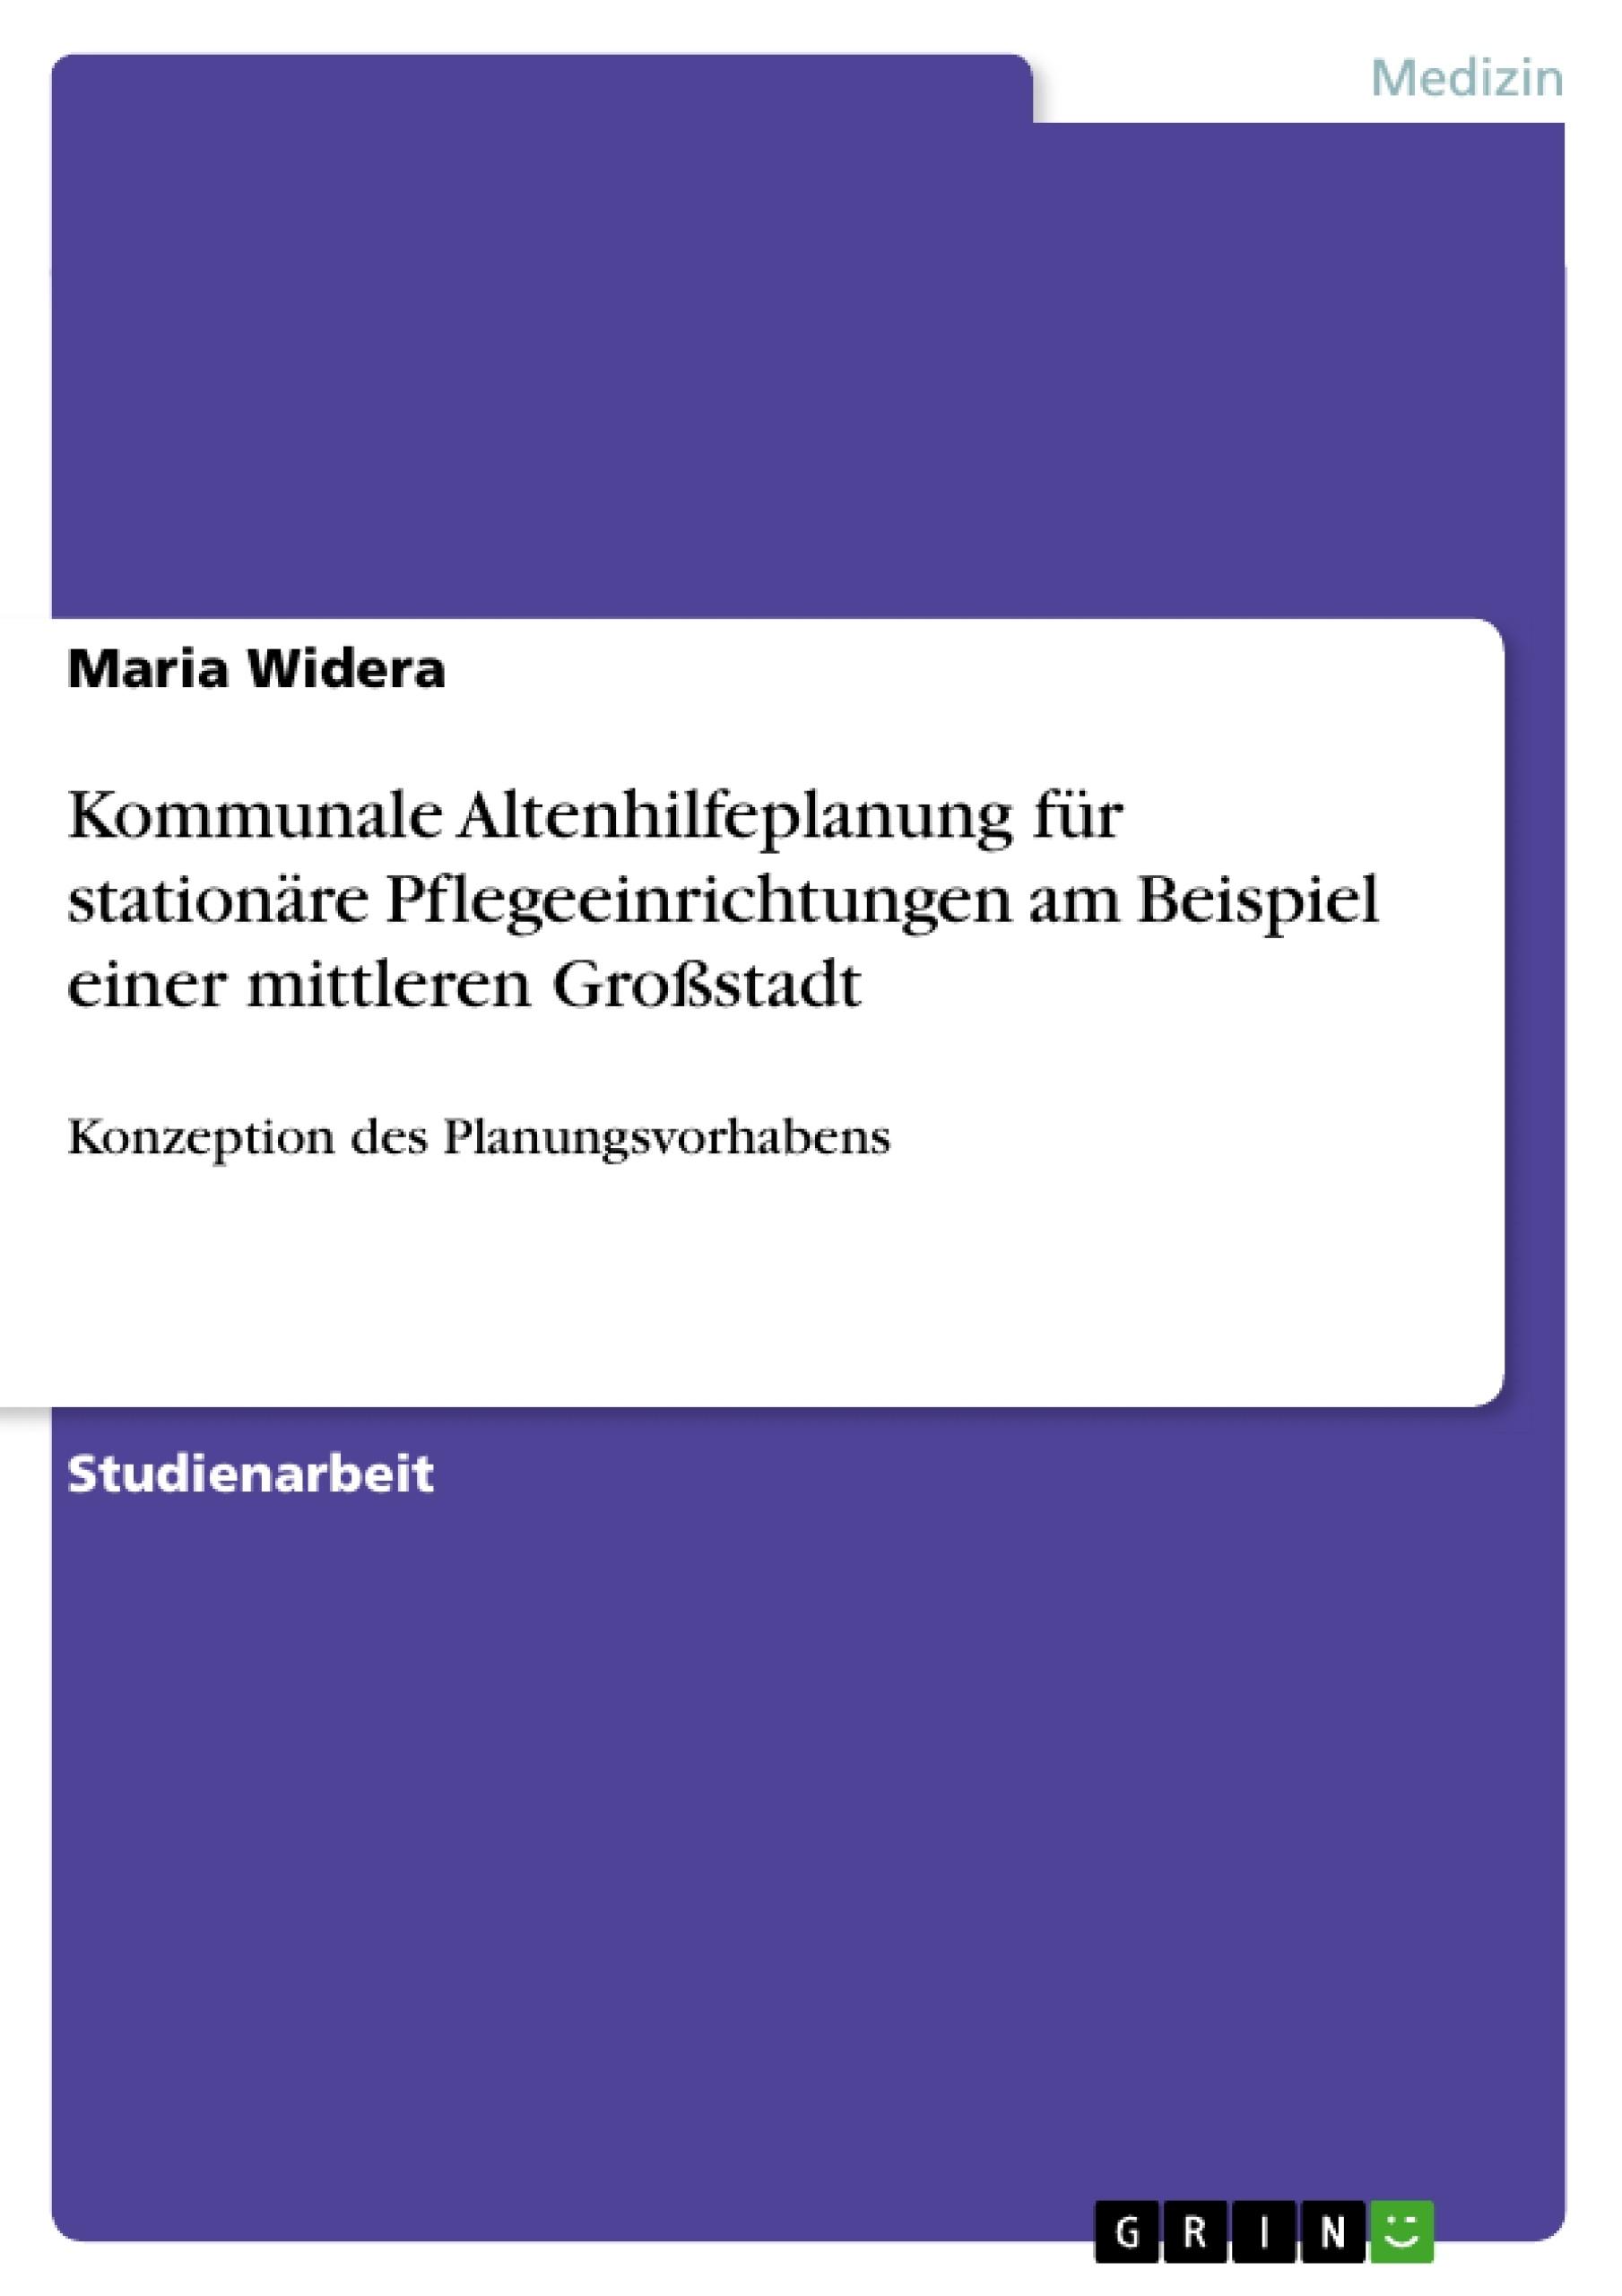 Titel: Kommunale Altenhilfeplanung für stationäre Pflegeeinrichtungen am Beispiel einer mittleren Großstadt